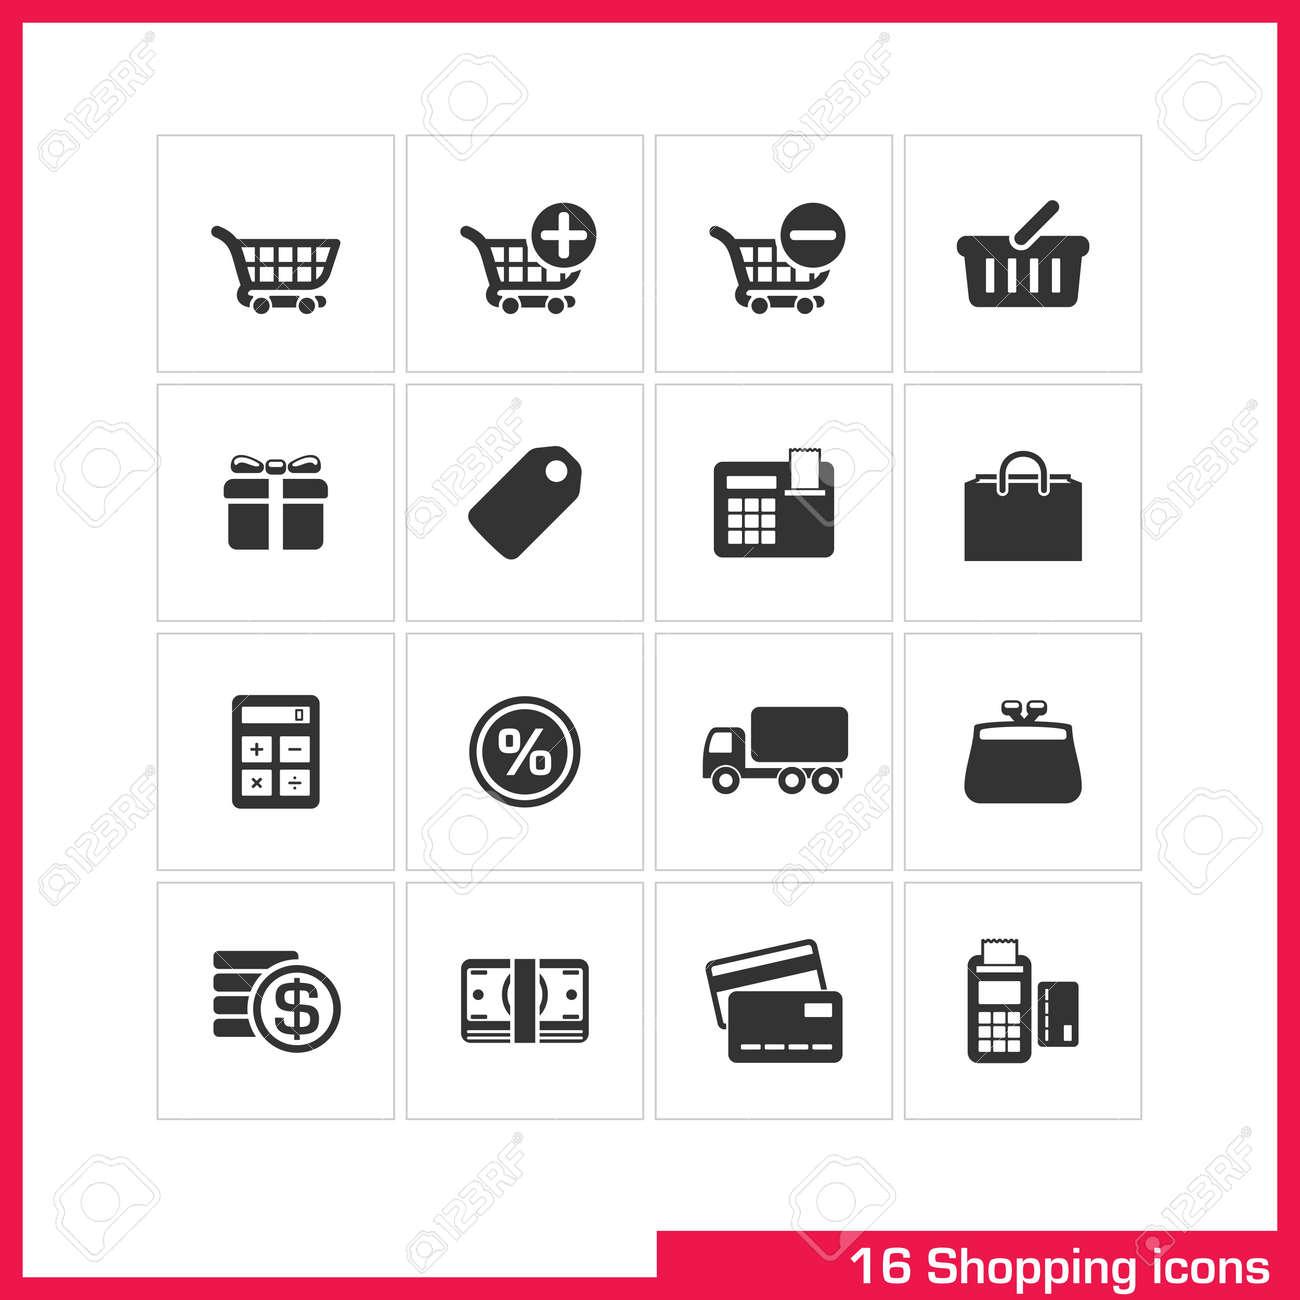 Shopping icon set Stock Vector - 19551124